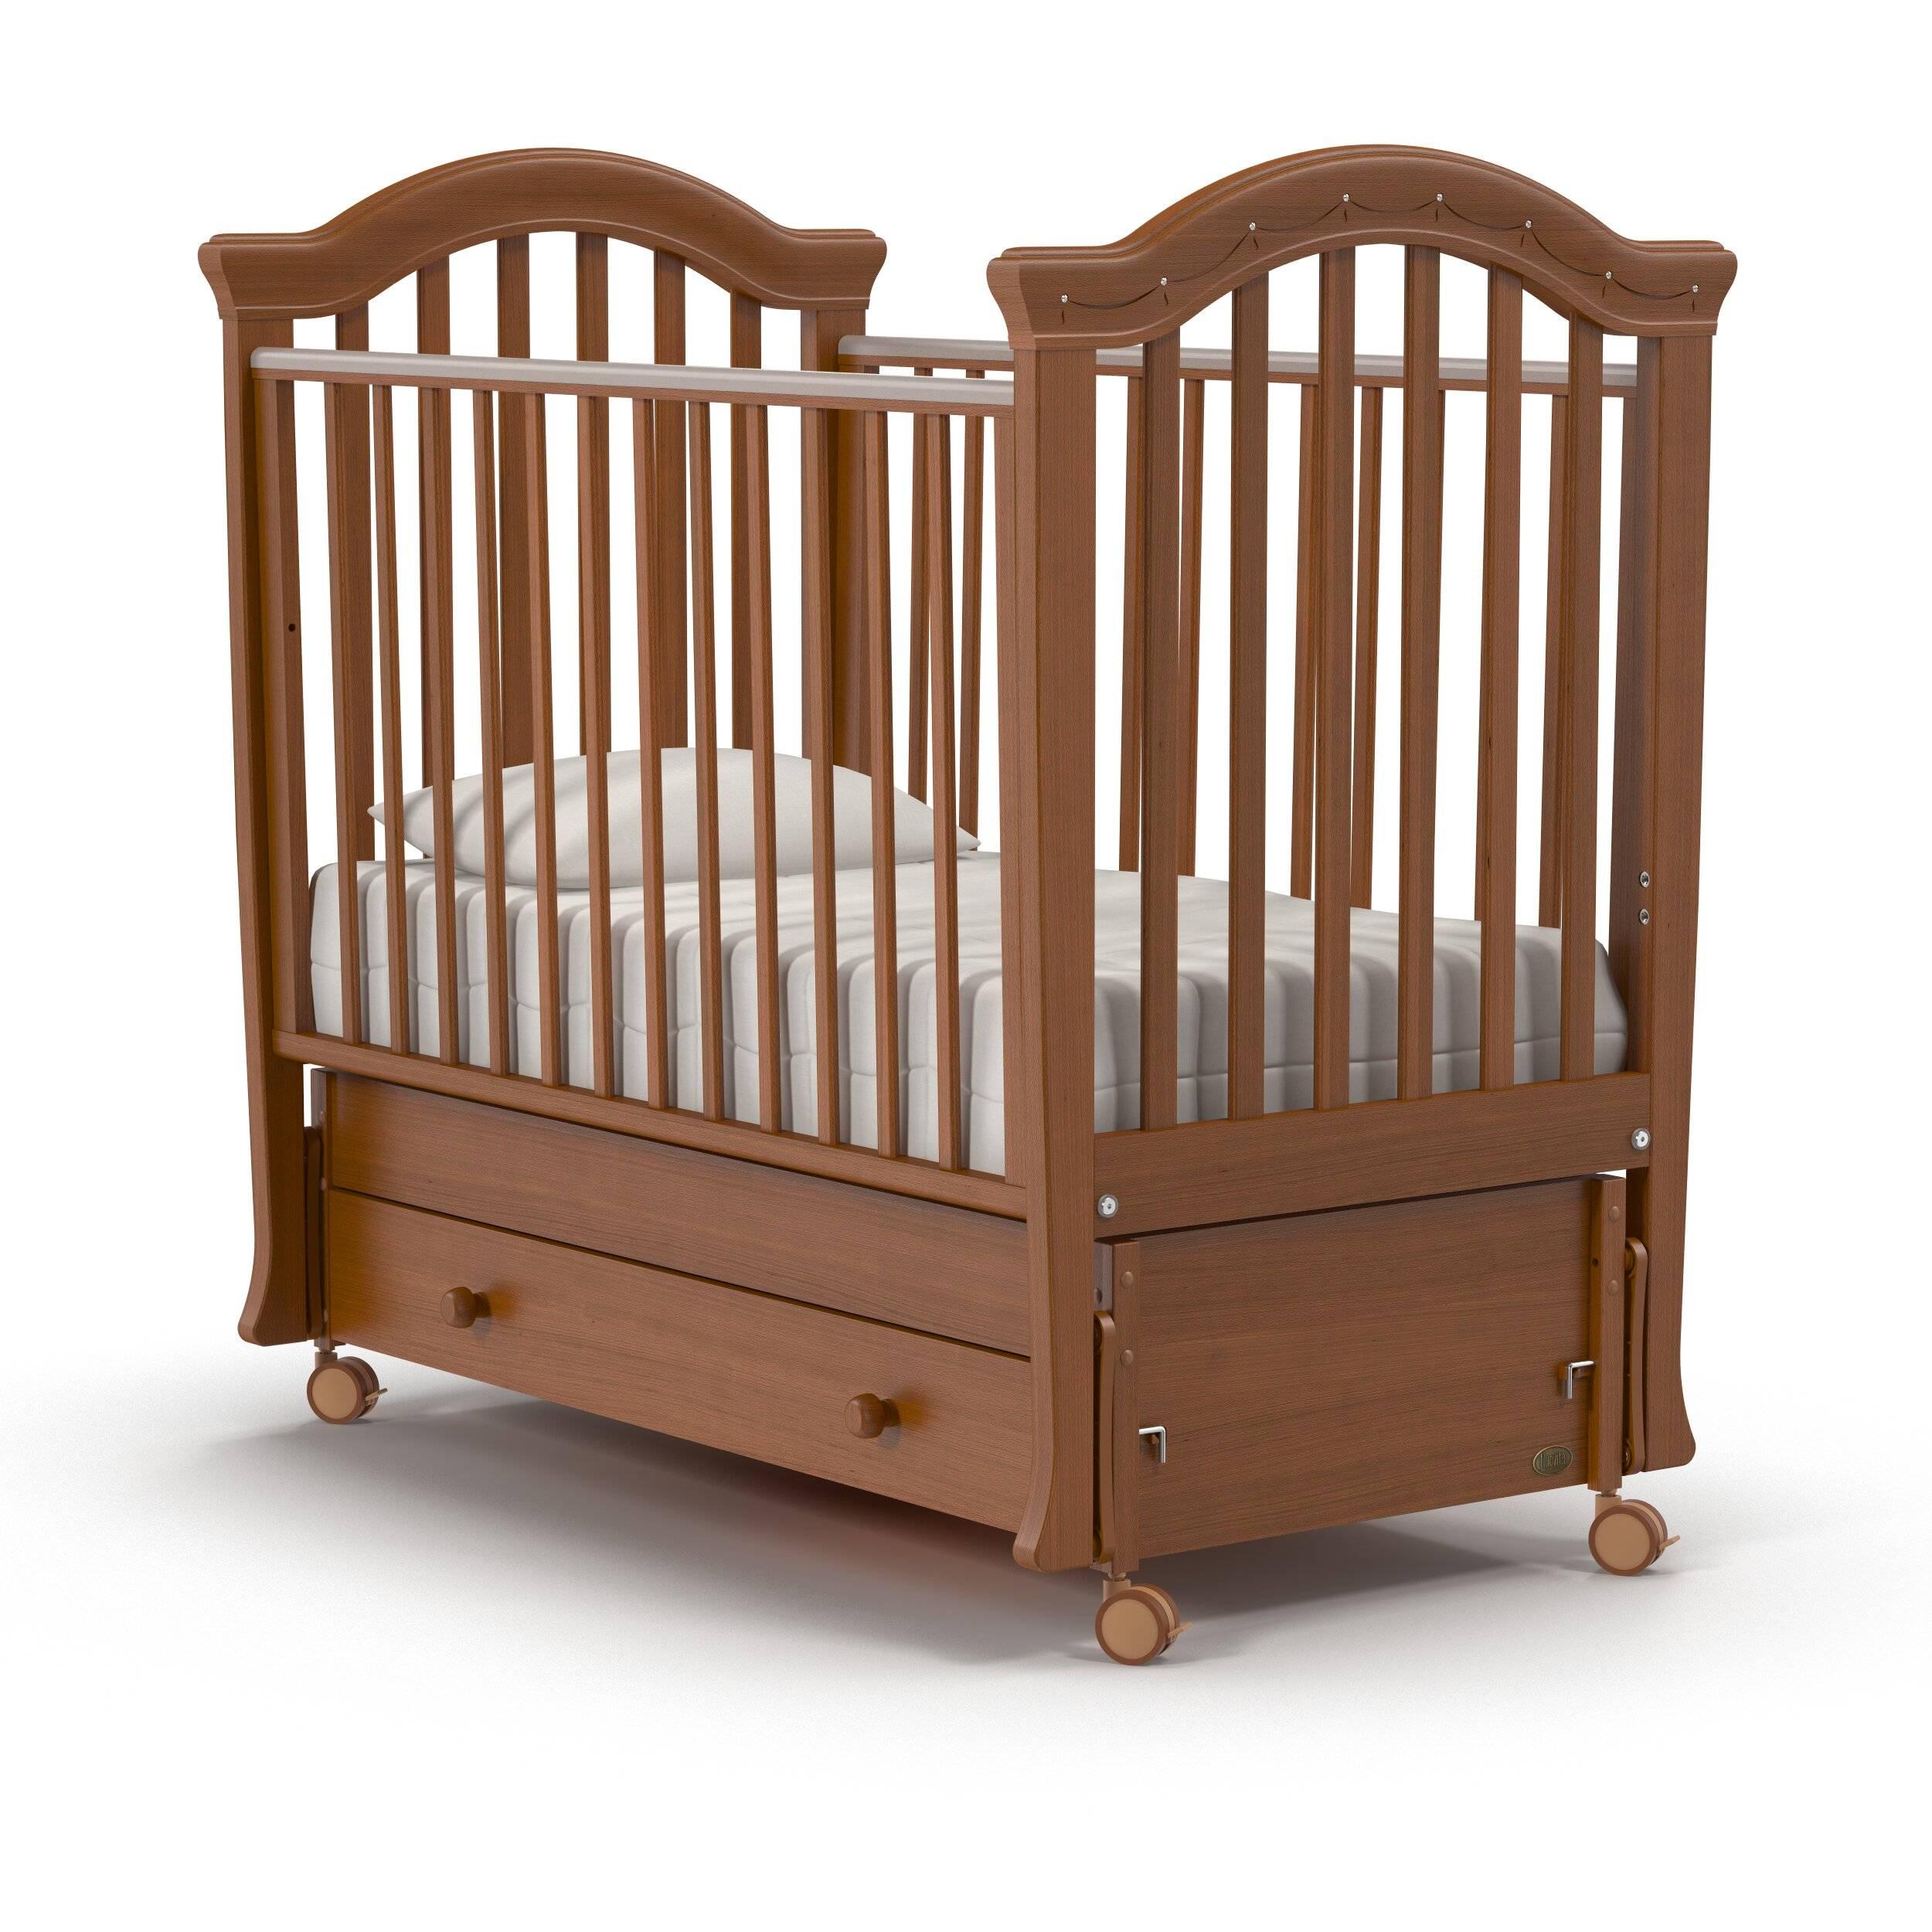 Купить Кроватка Nuovita Perla Swing маятник продольный noce scuro тёмный орех, Классические кроватки